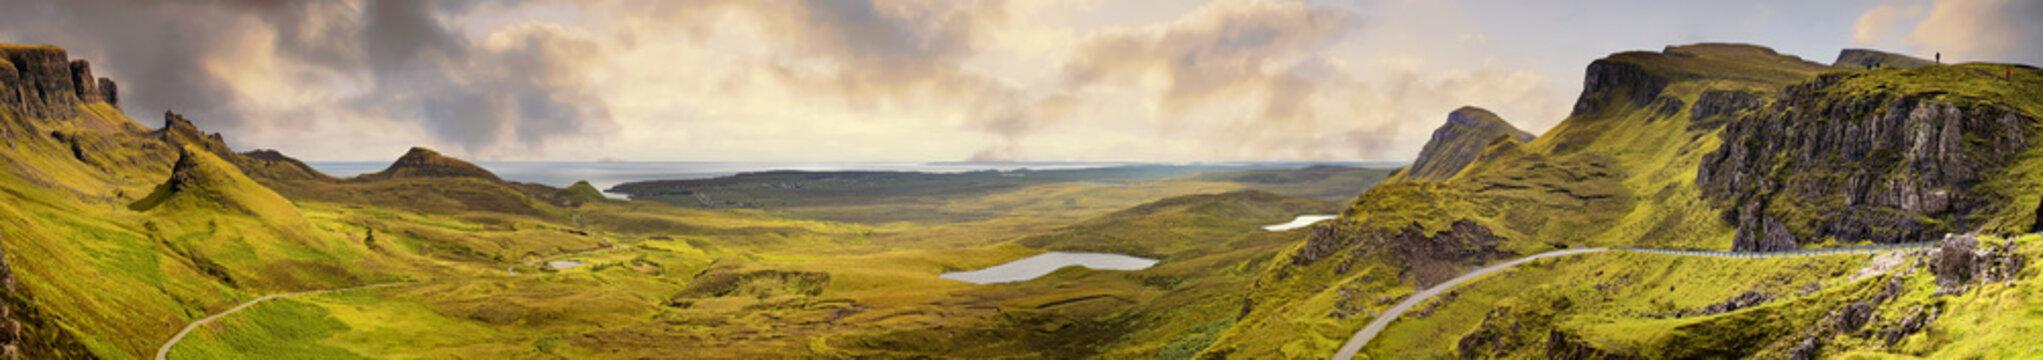 Panorama of the Quiraing mountain range